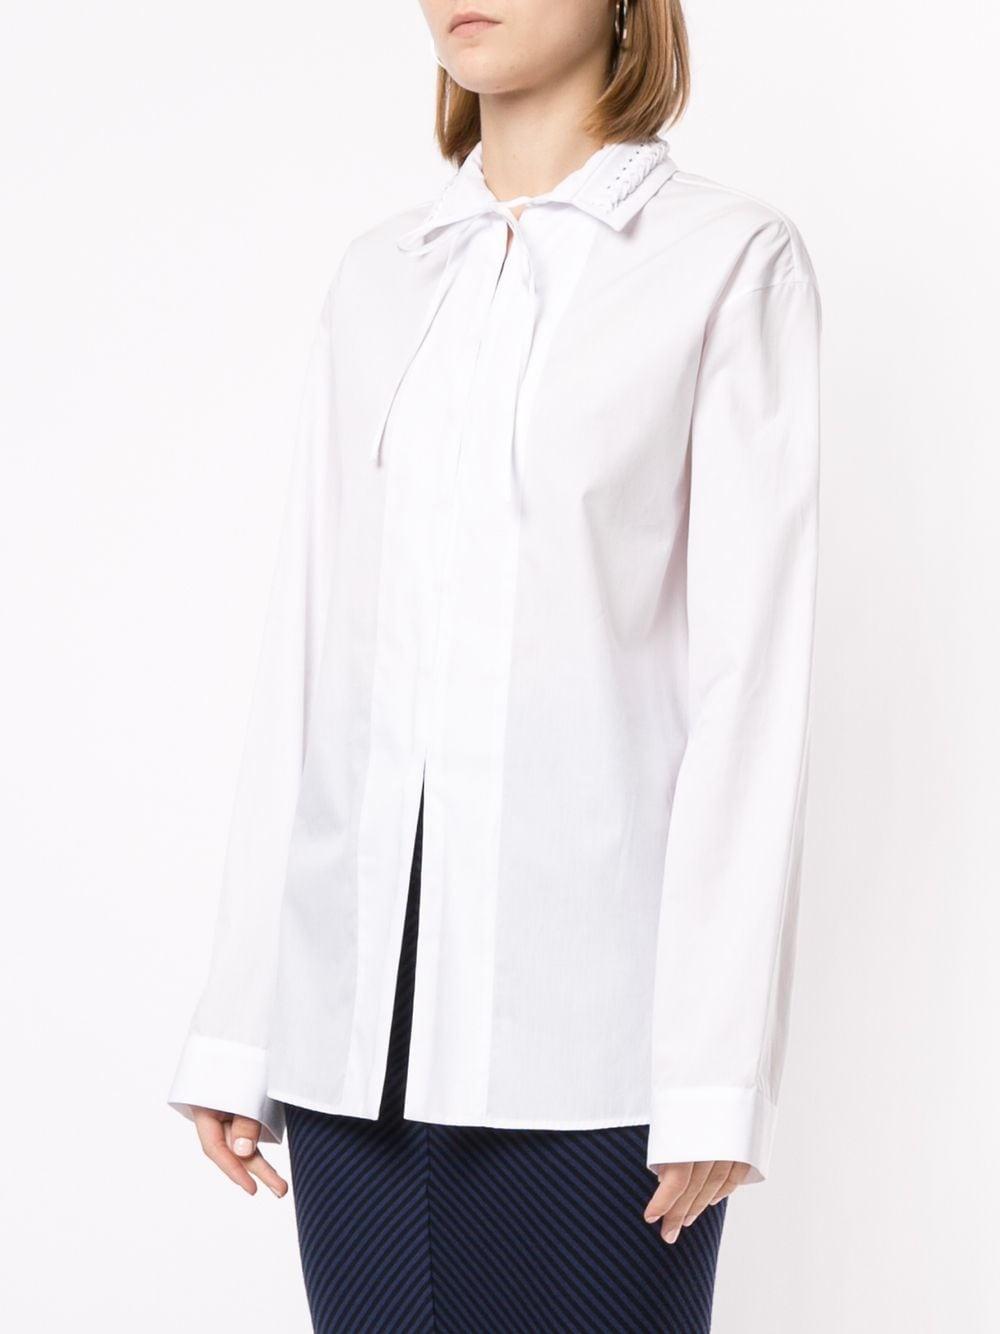 Braided Collar Shirt - White - Sz 38-1